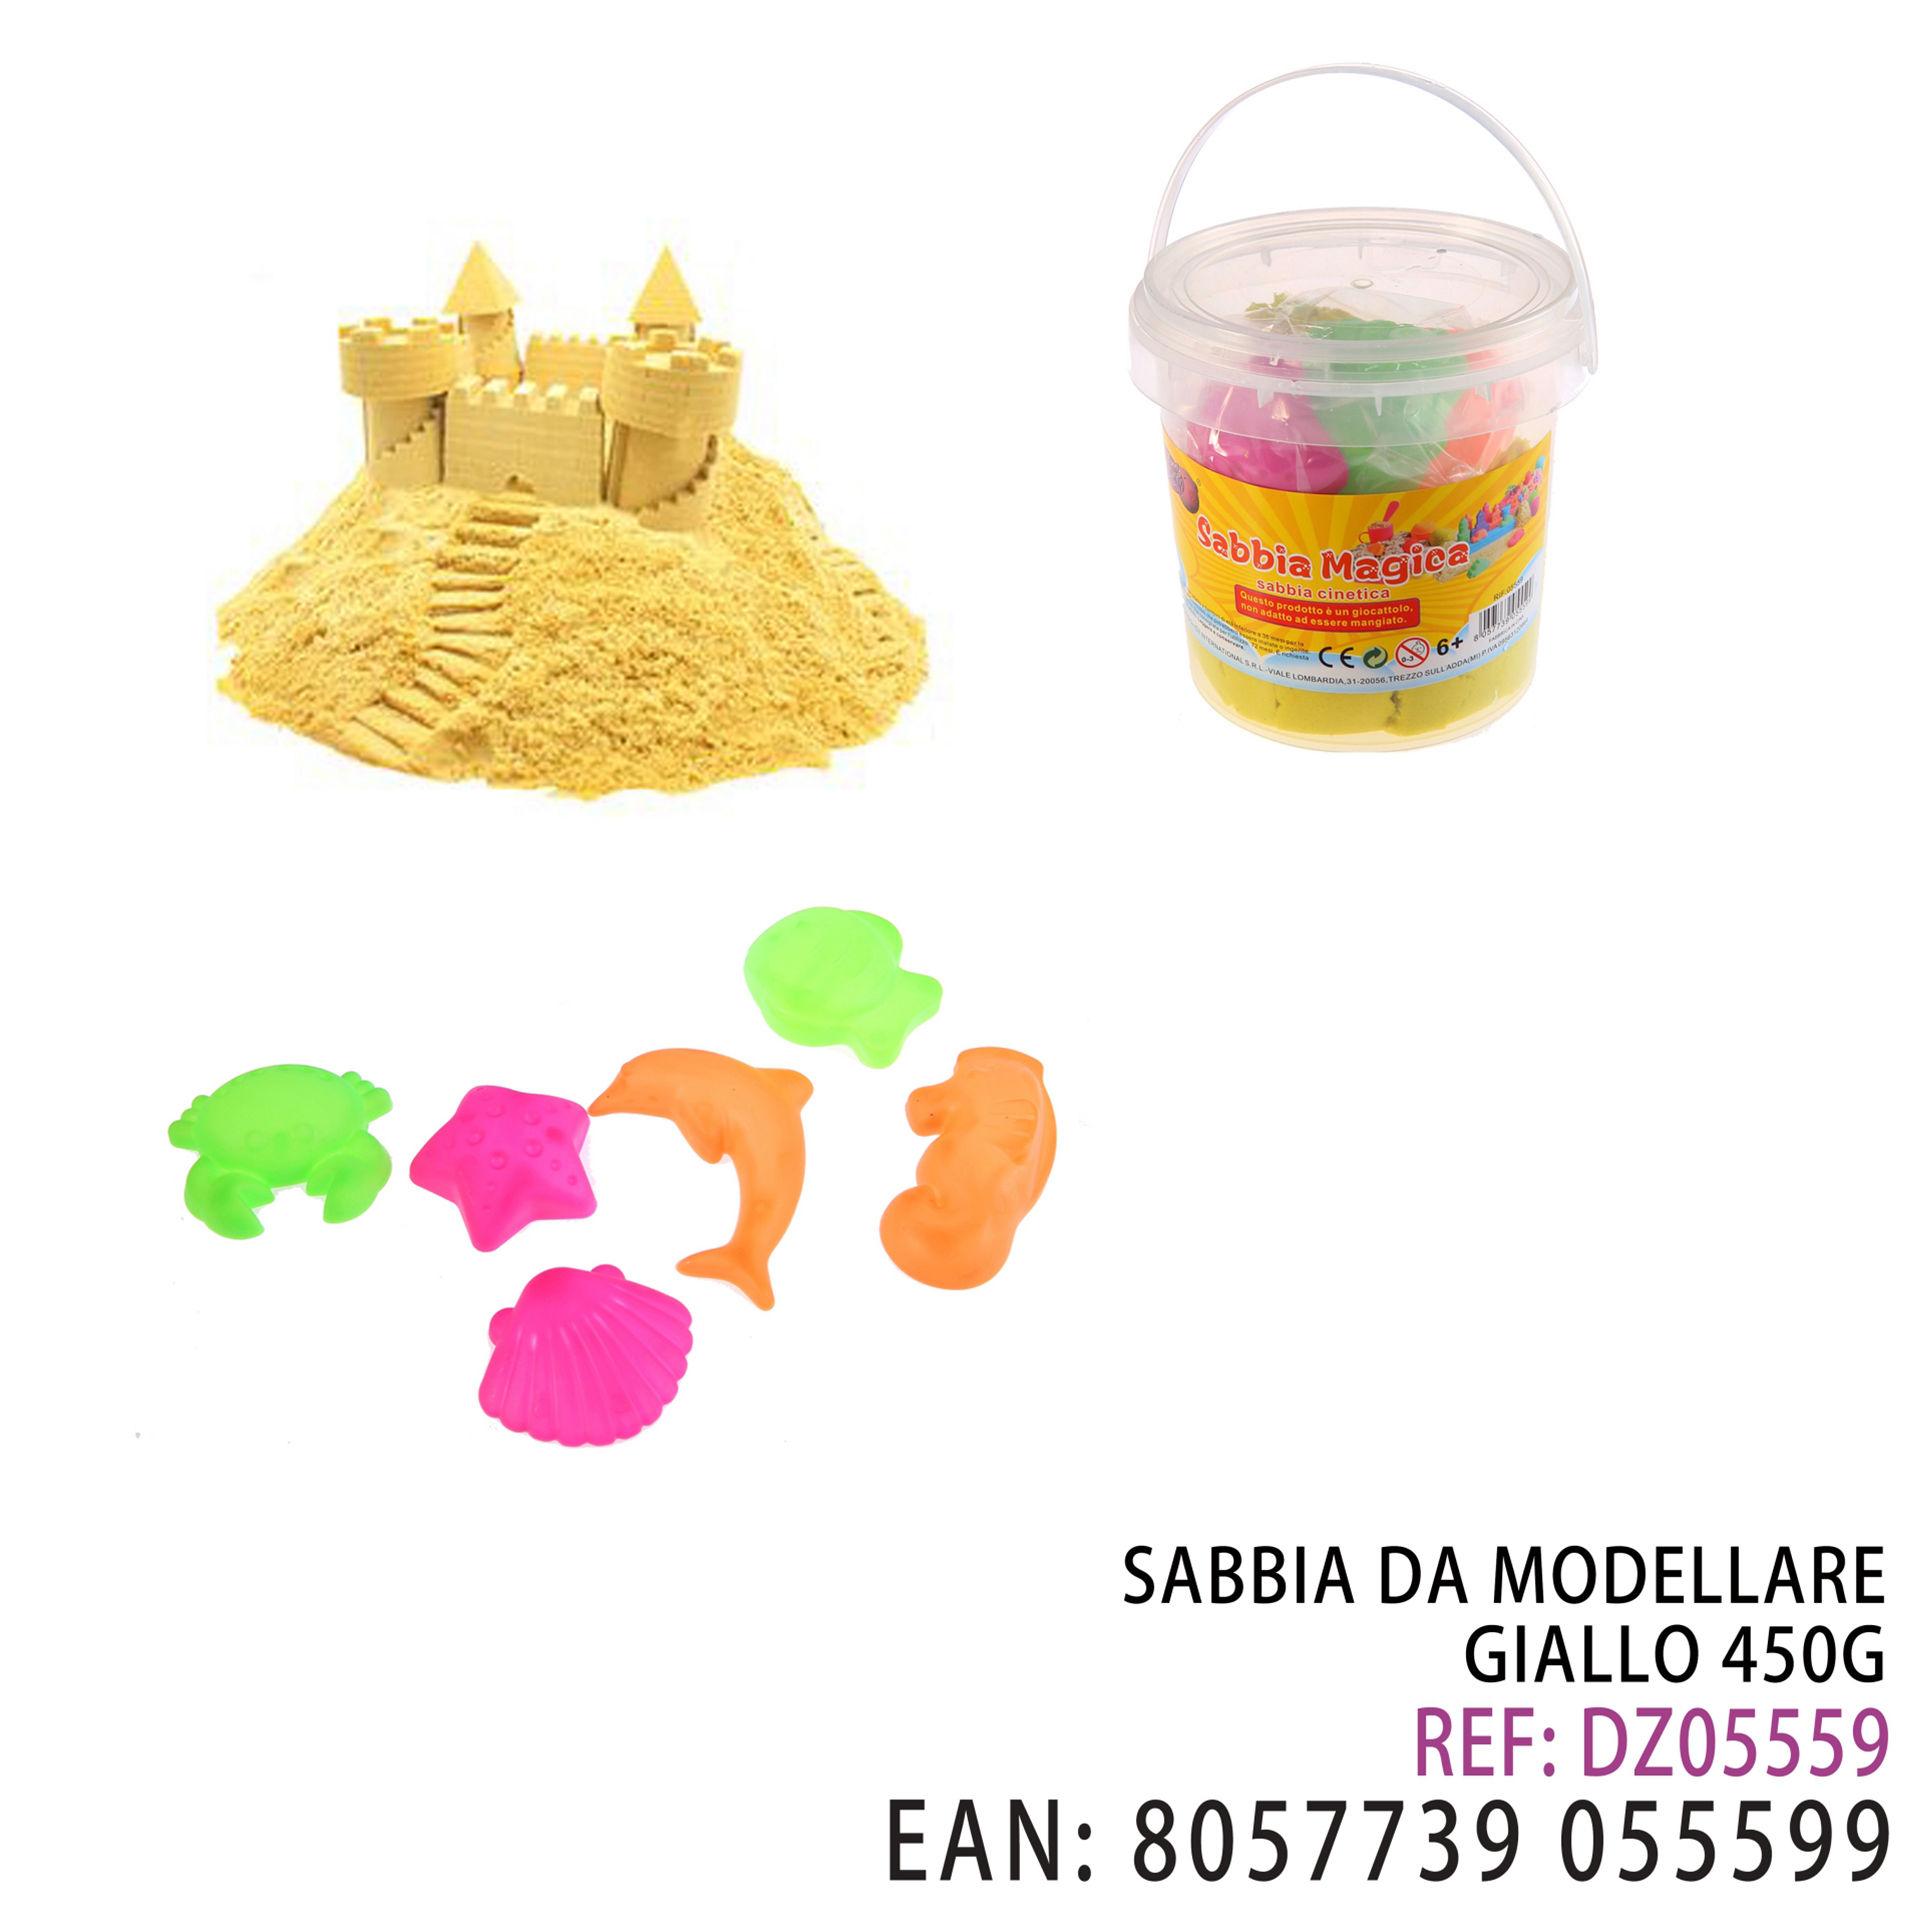 SABBIA DA MODELLARE GIALLO 450GDz